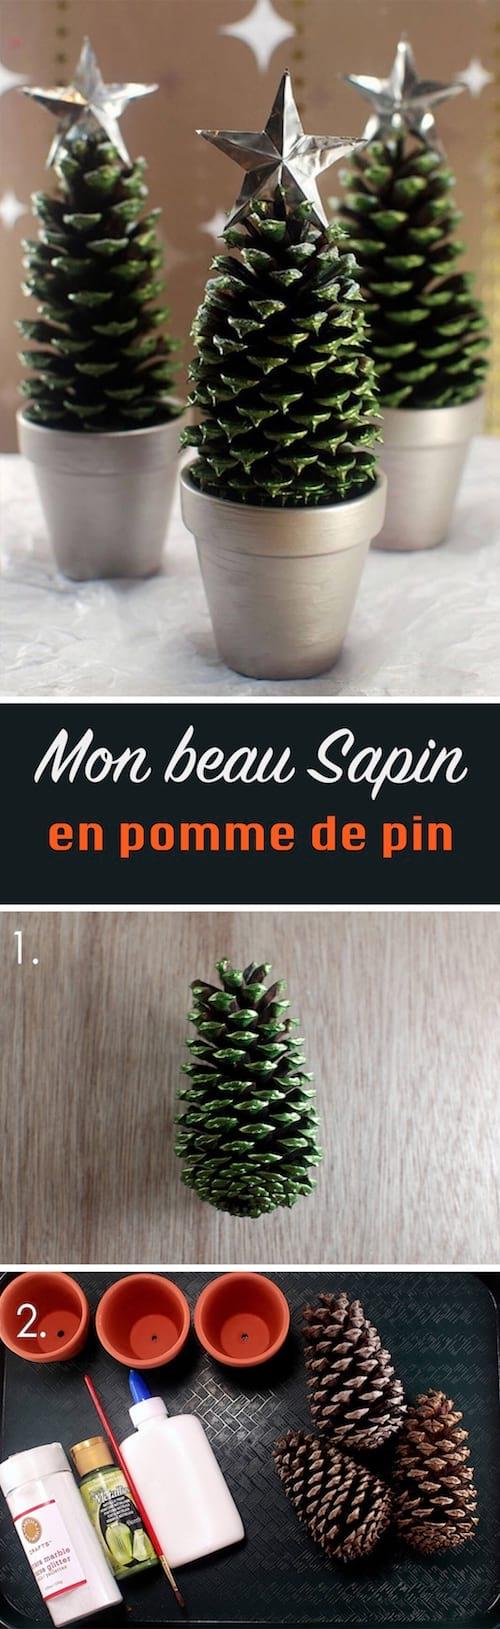 Petits Sapins En Pomme De Pin Pour Noel